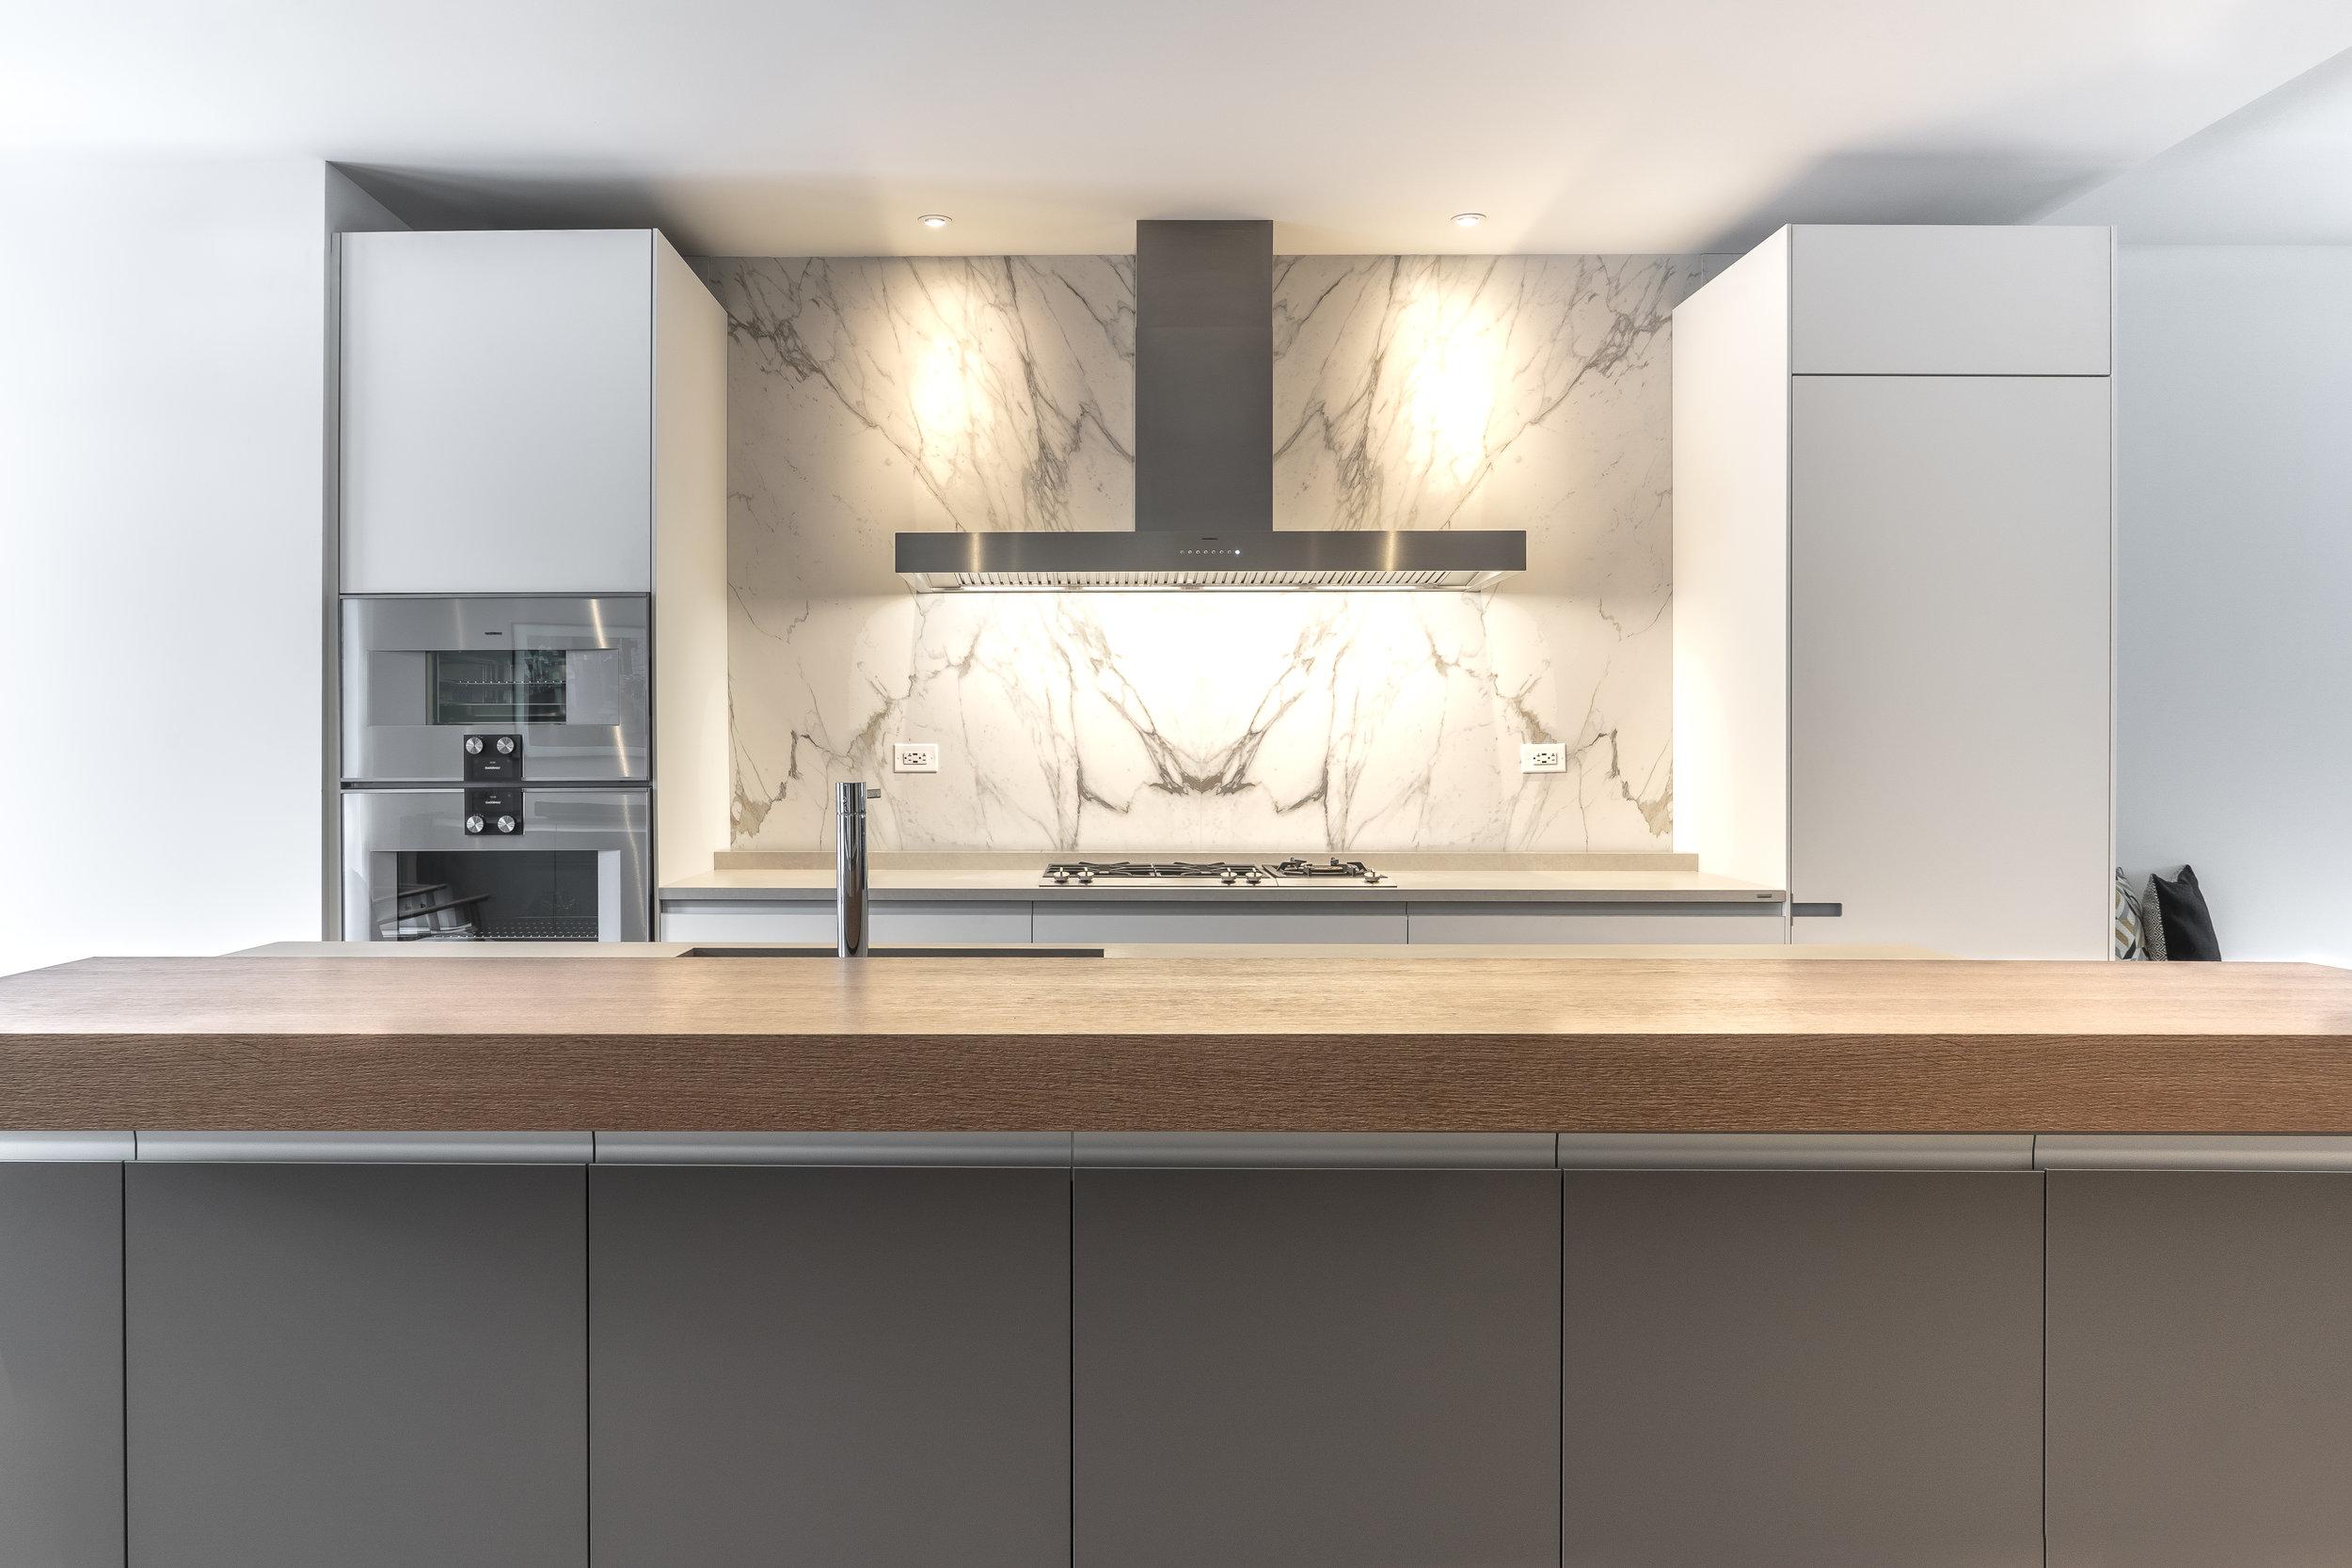 Ernestomeda_Joicey Blvd_kitchen (1 of 12).jpg